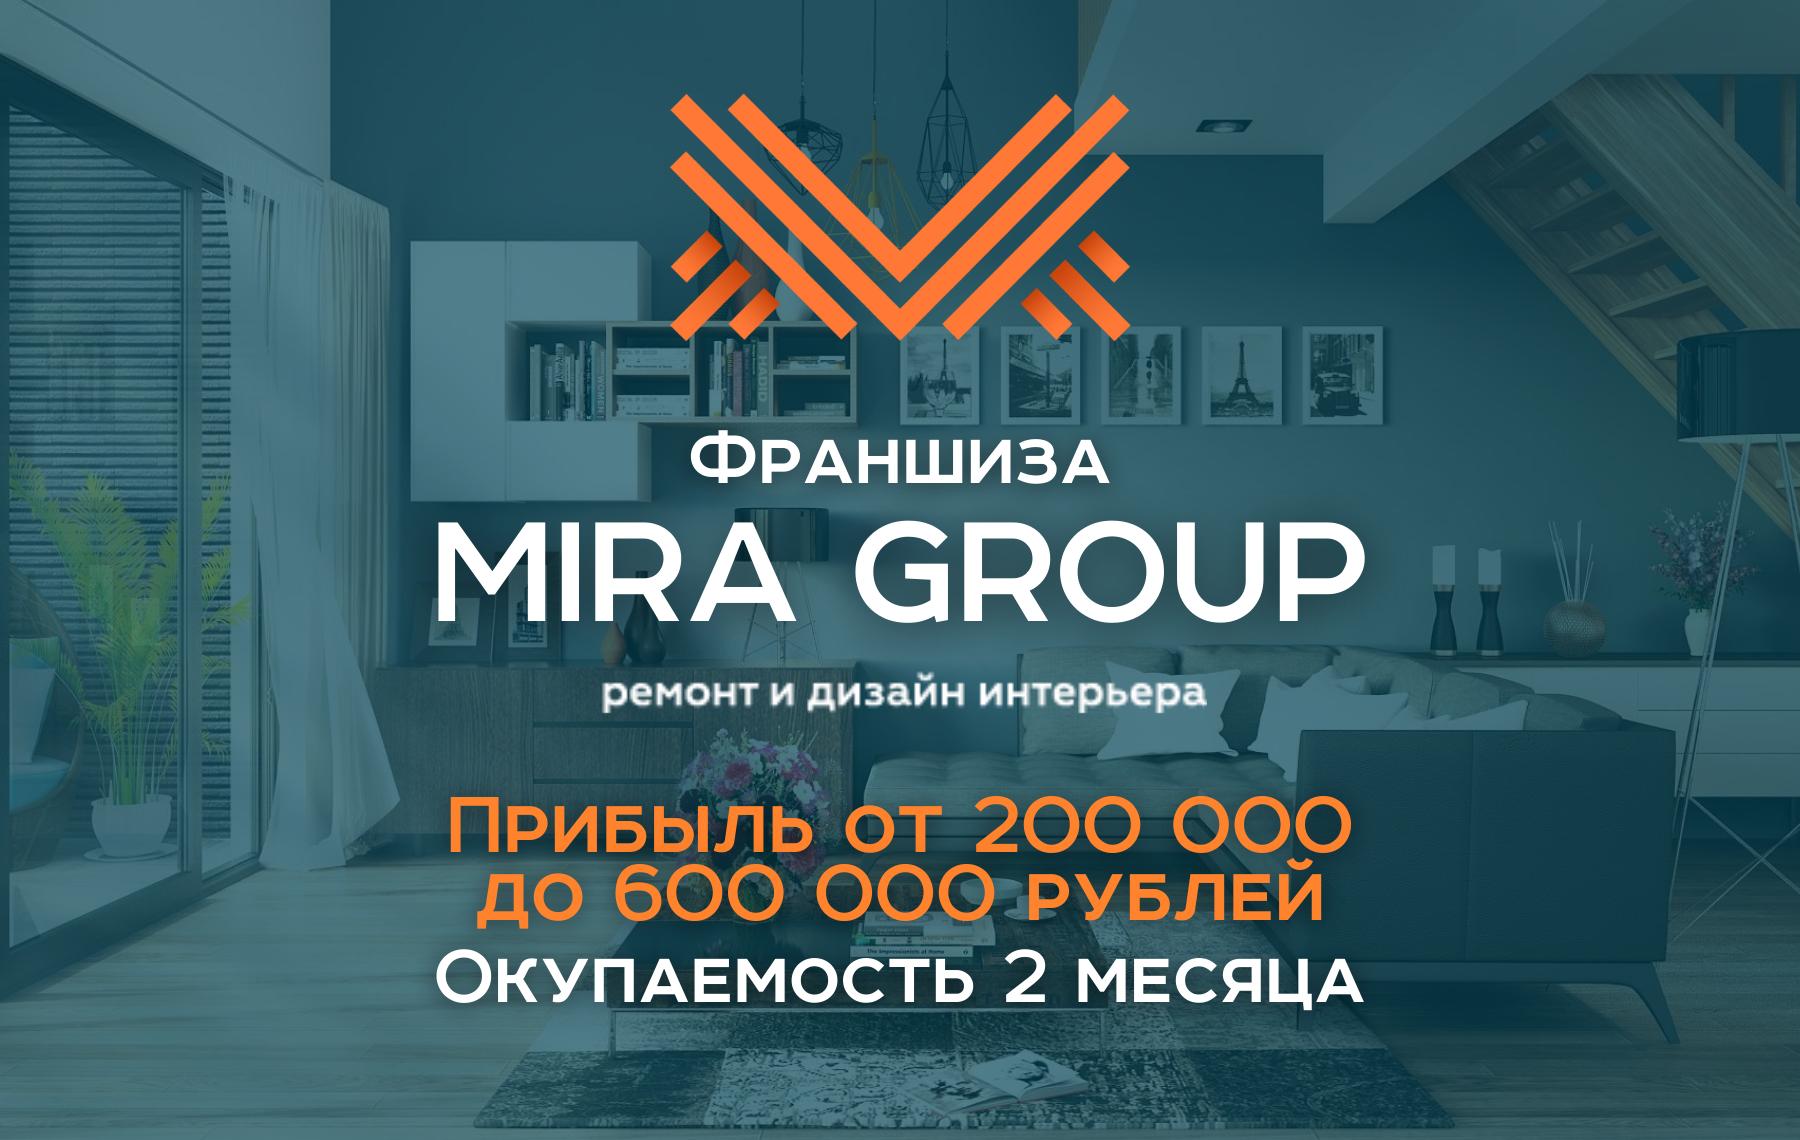 Зарабатывай от 250 000 р. на ремонте квартир